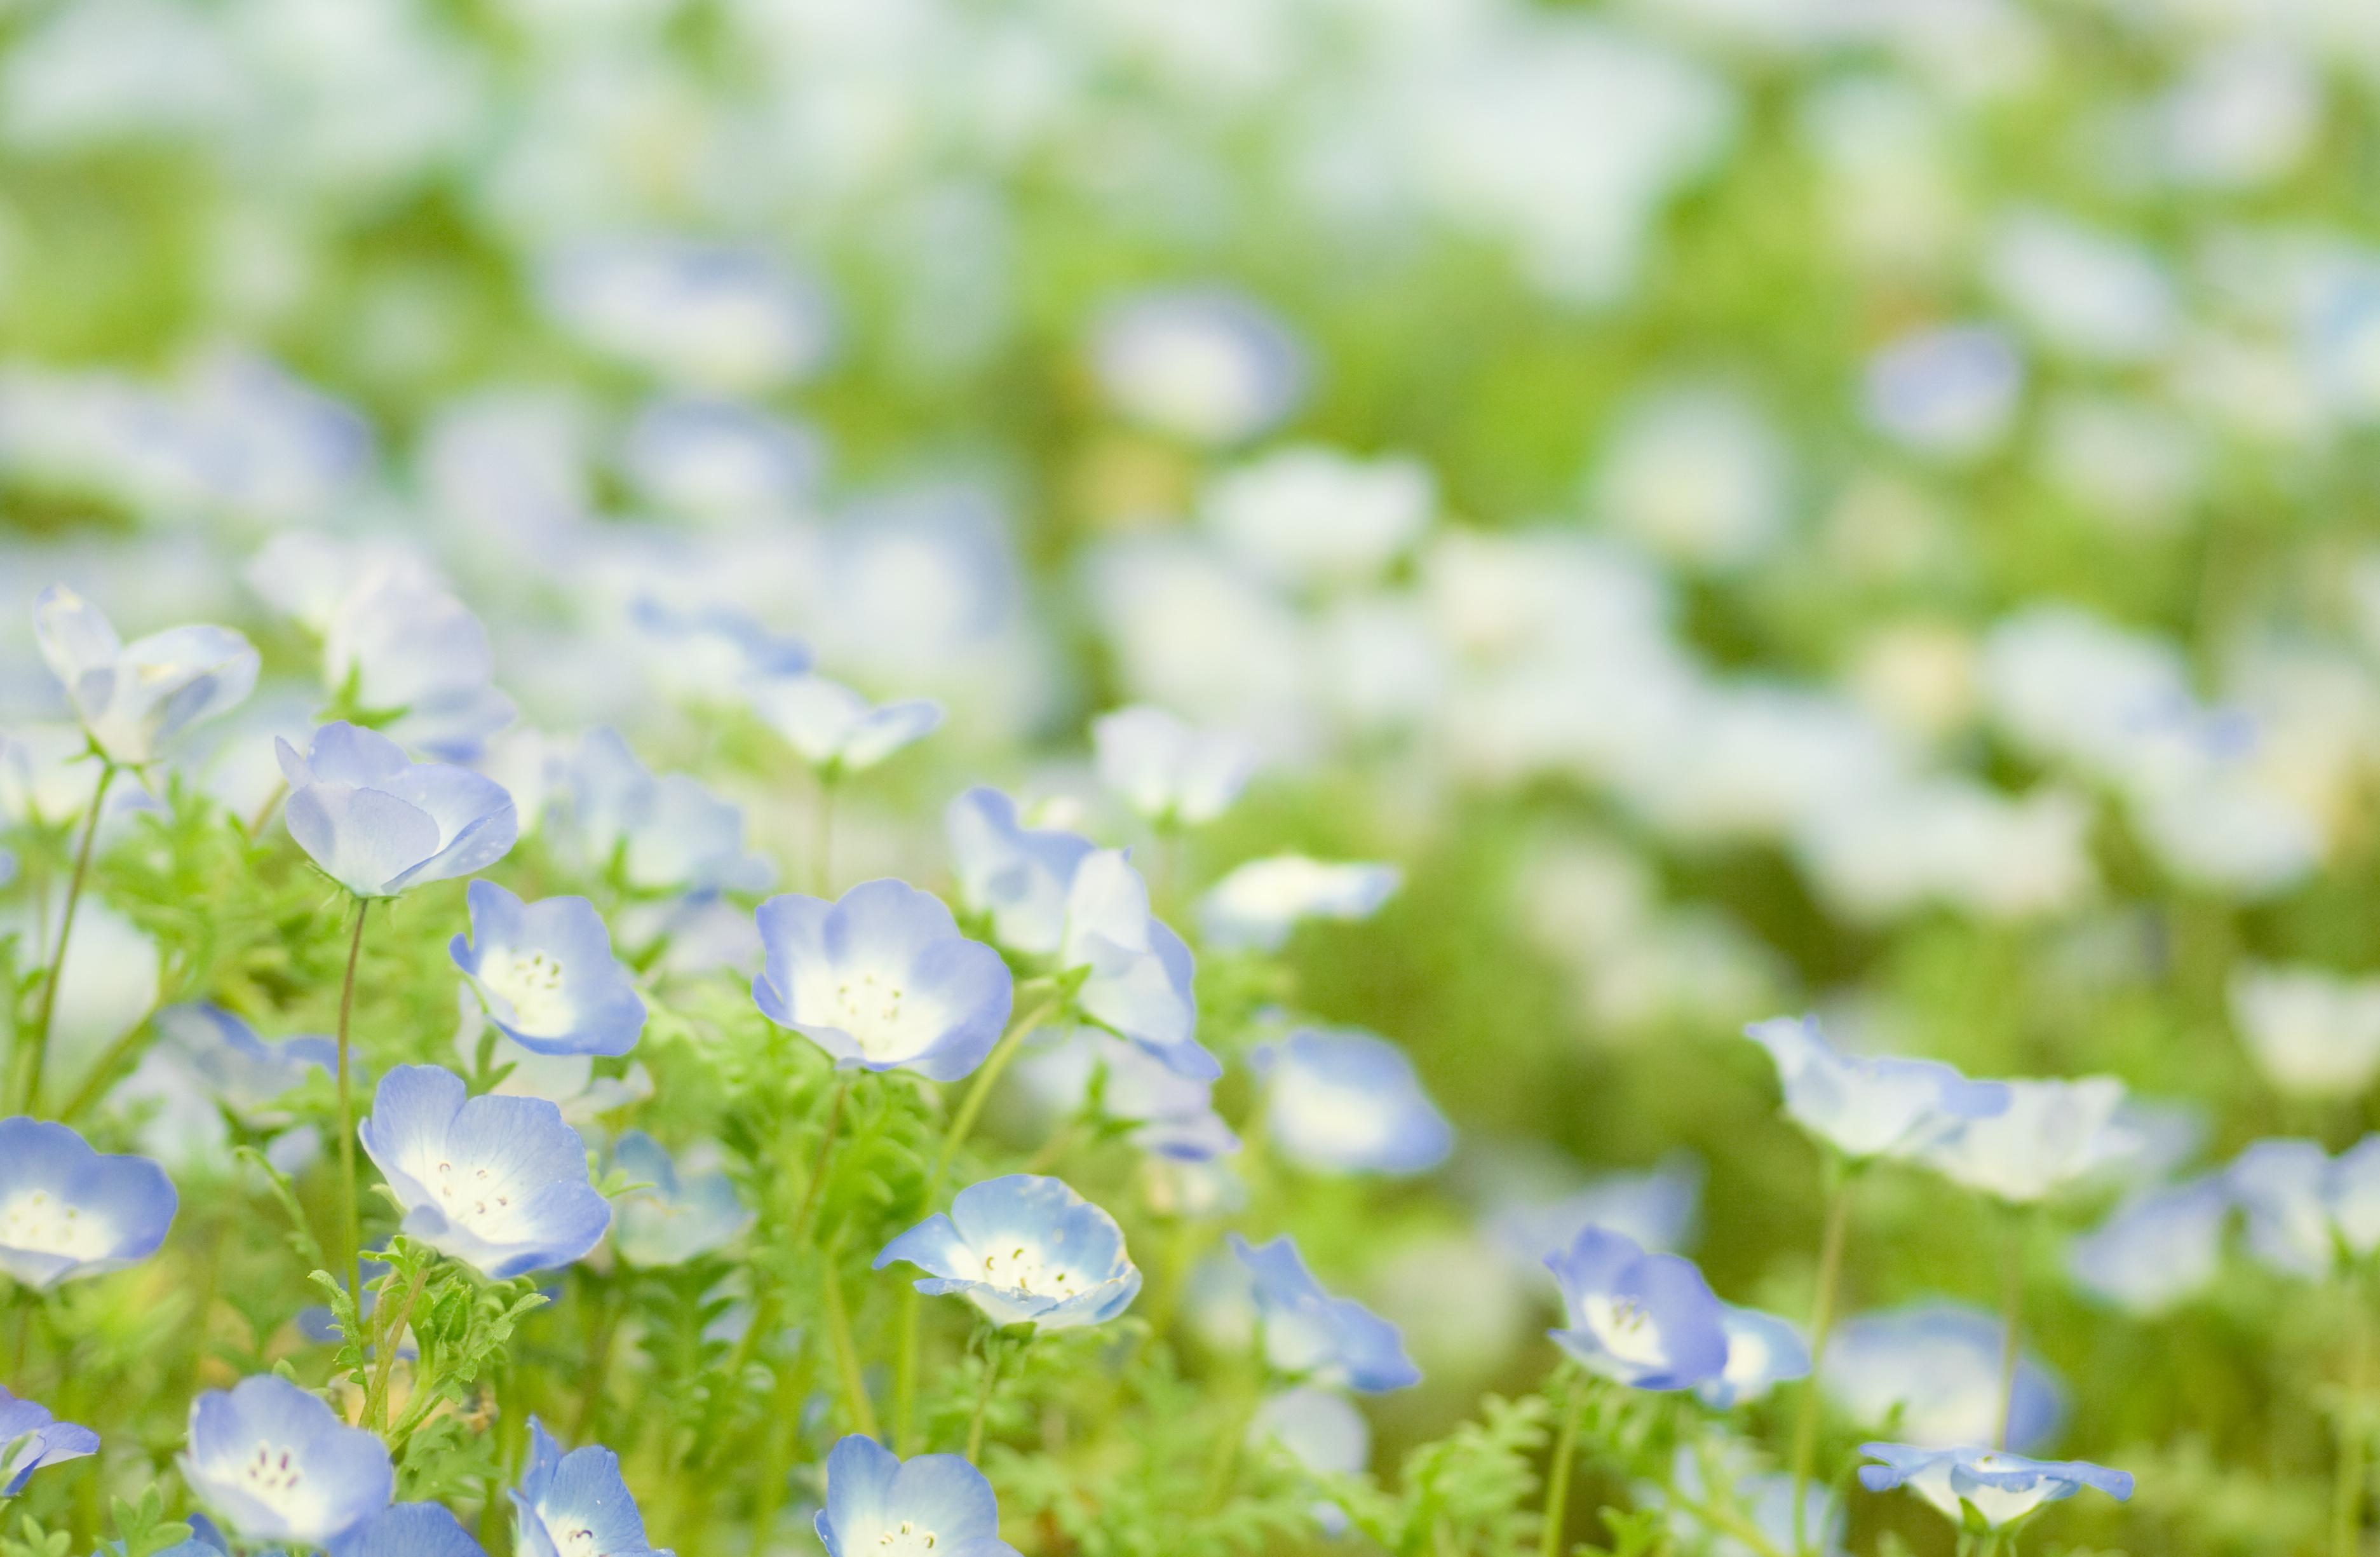 цветы трава поляна бесплатно